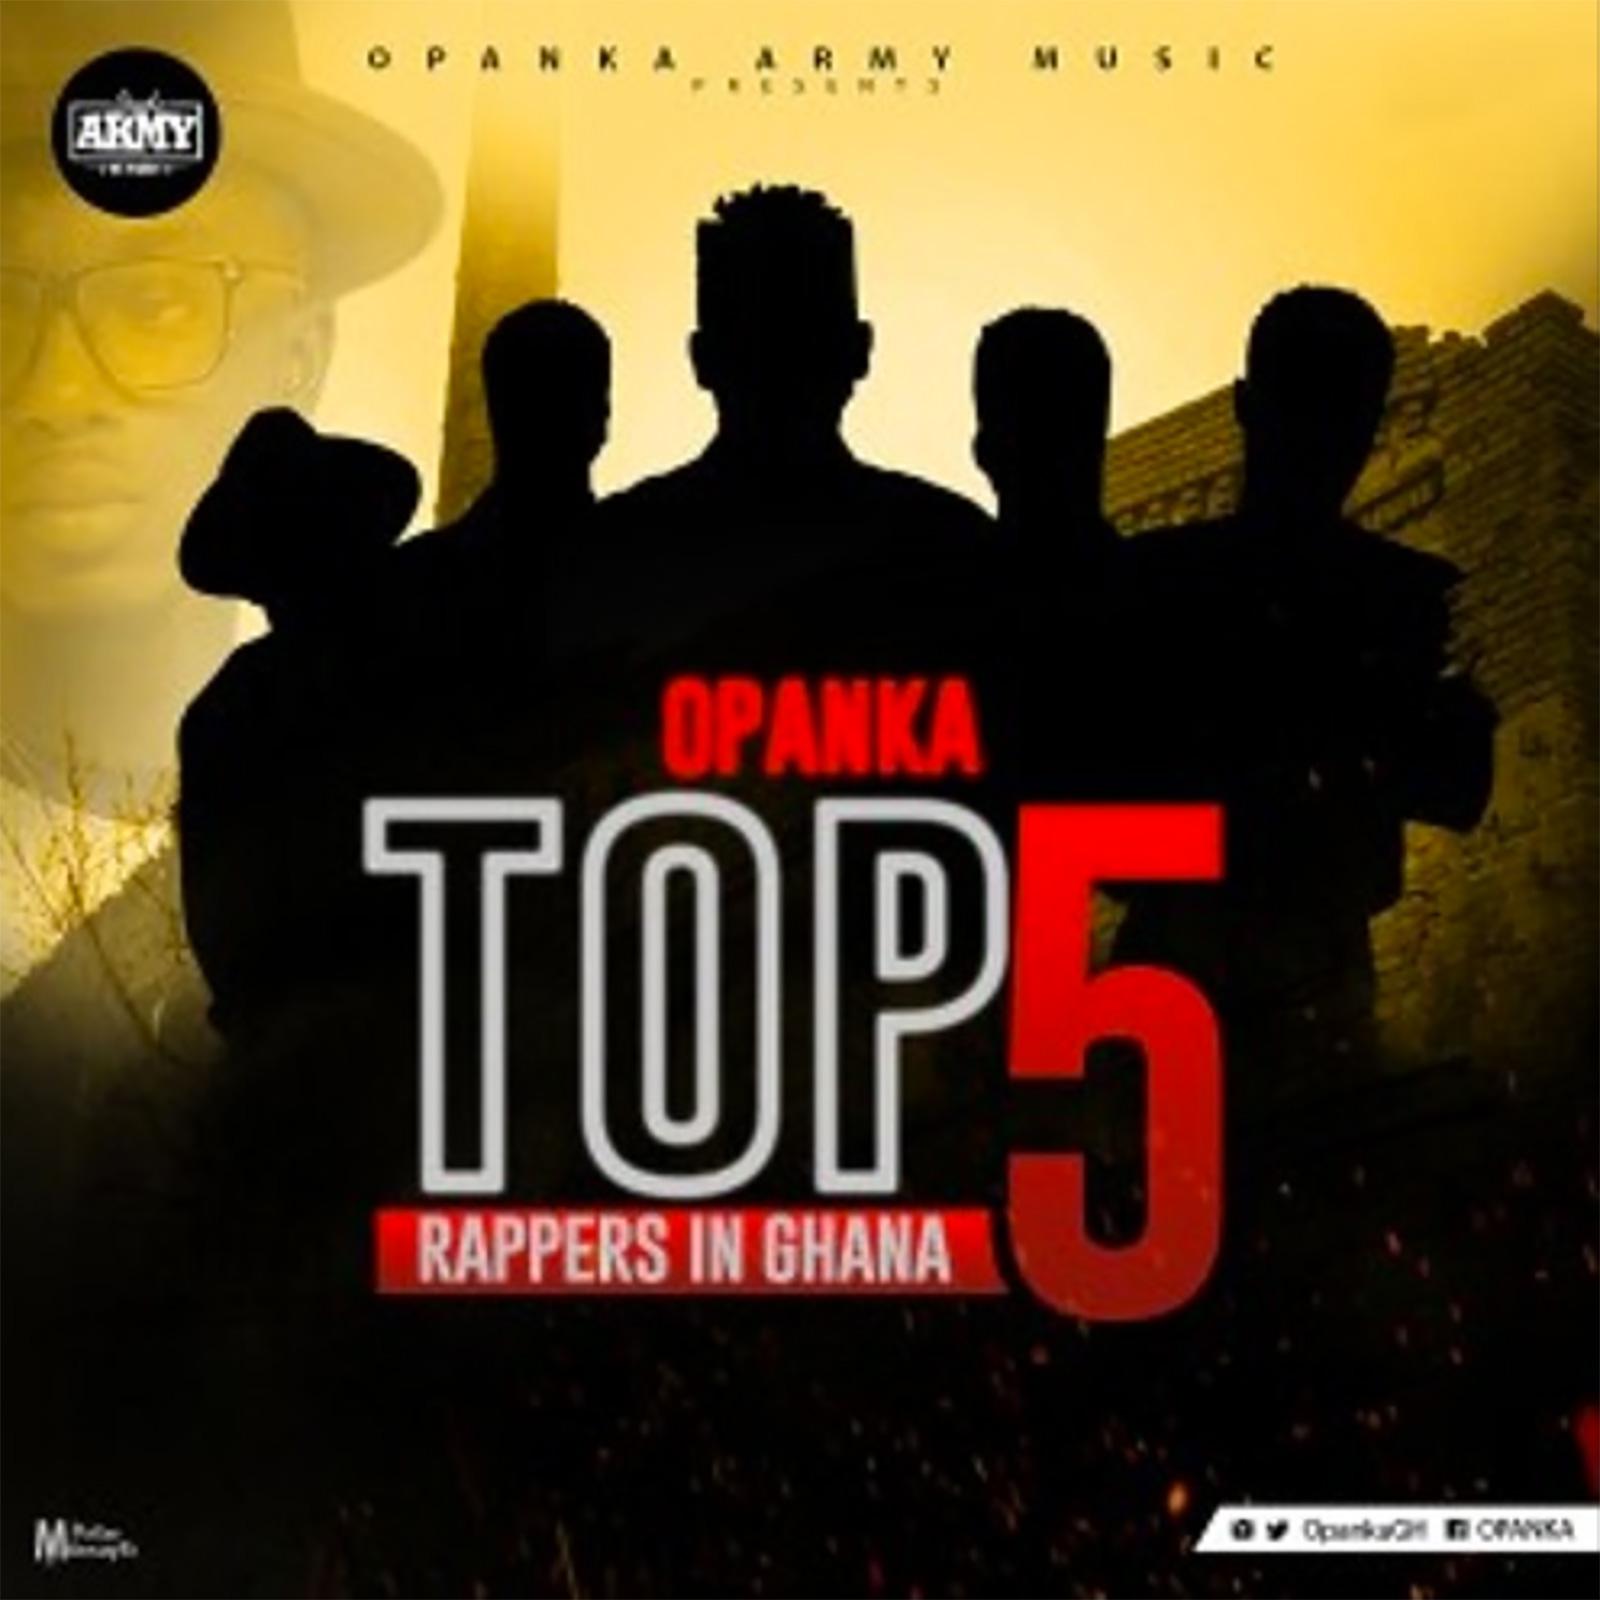 Top 5 Rappers In Ghana by Opanka